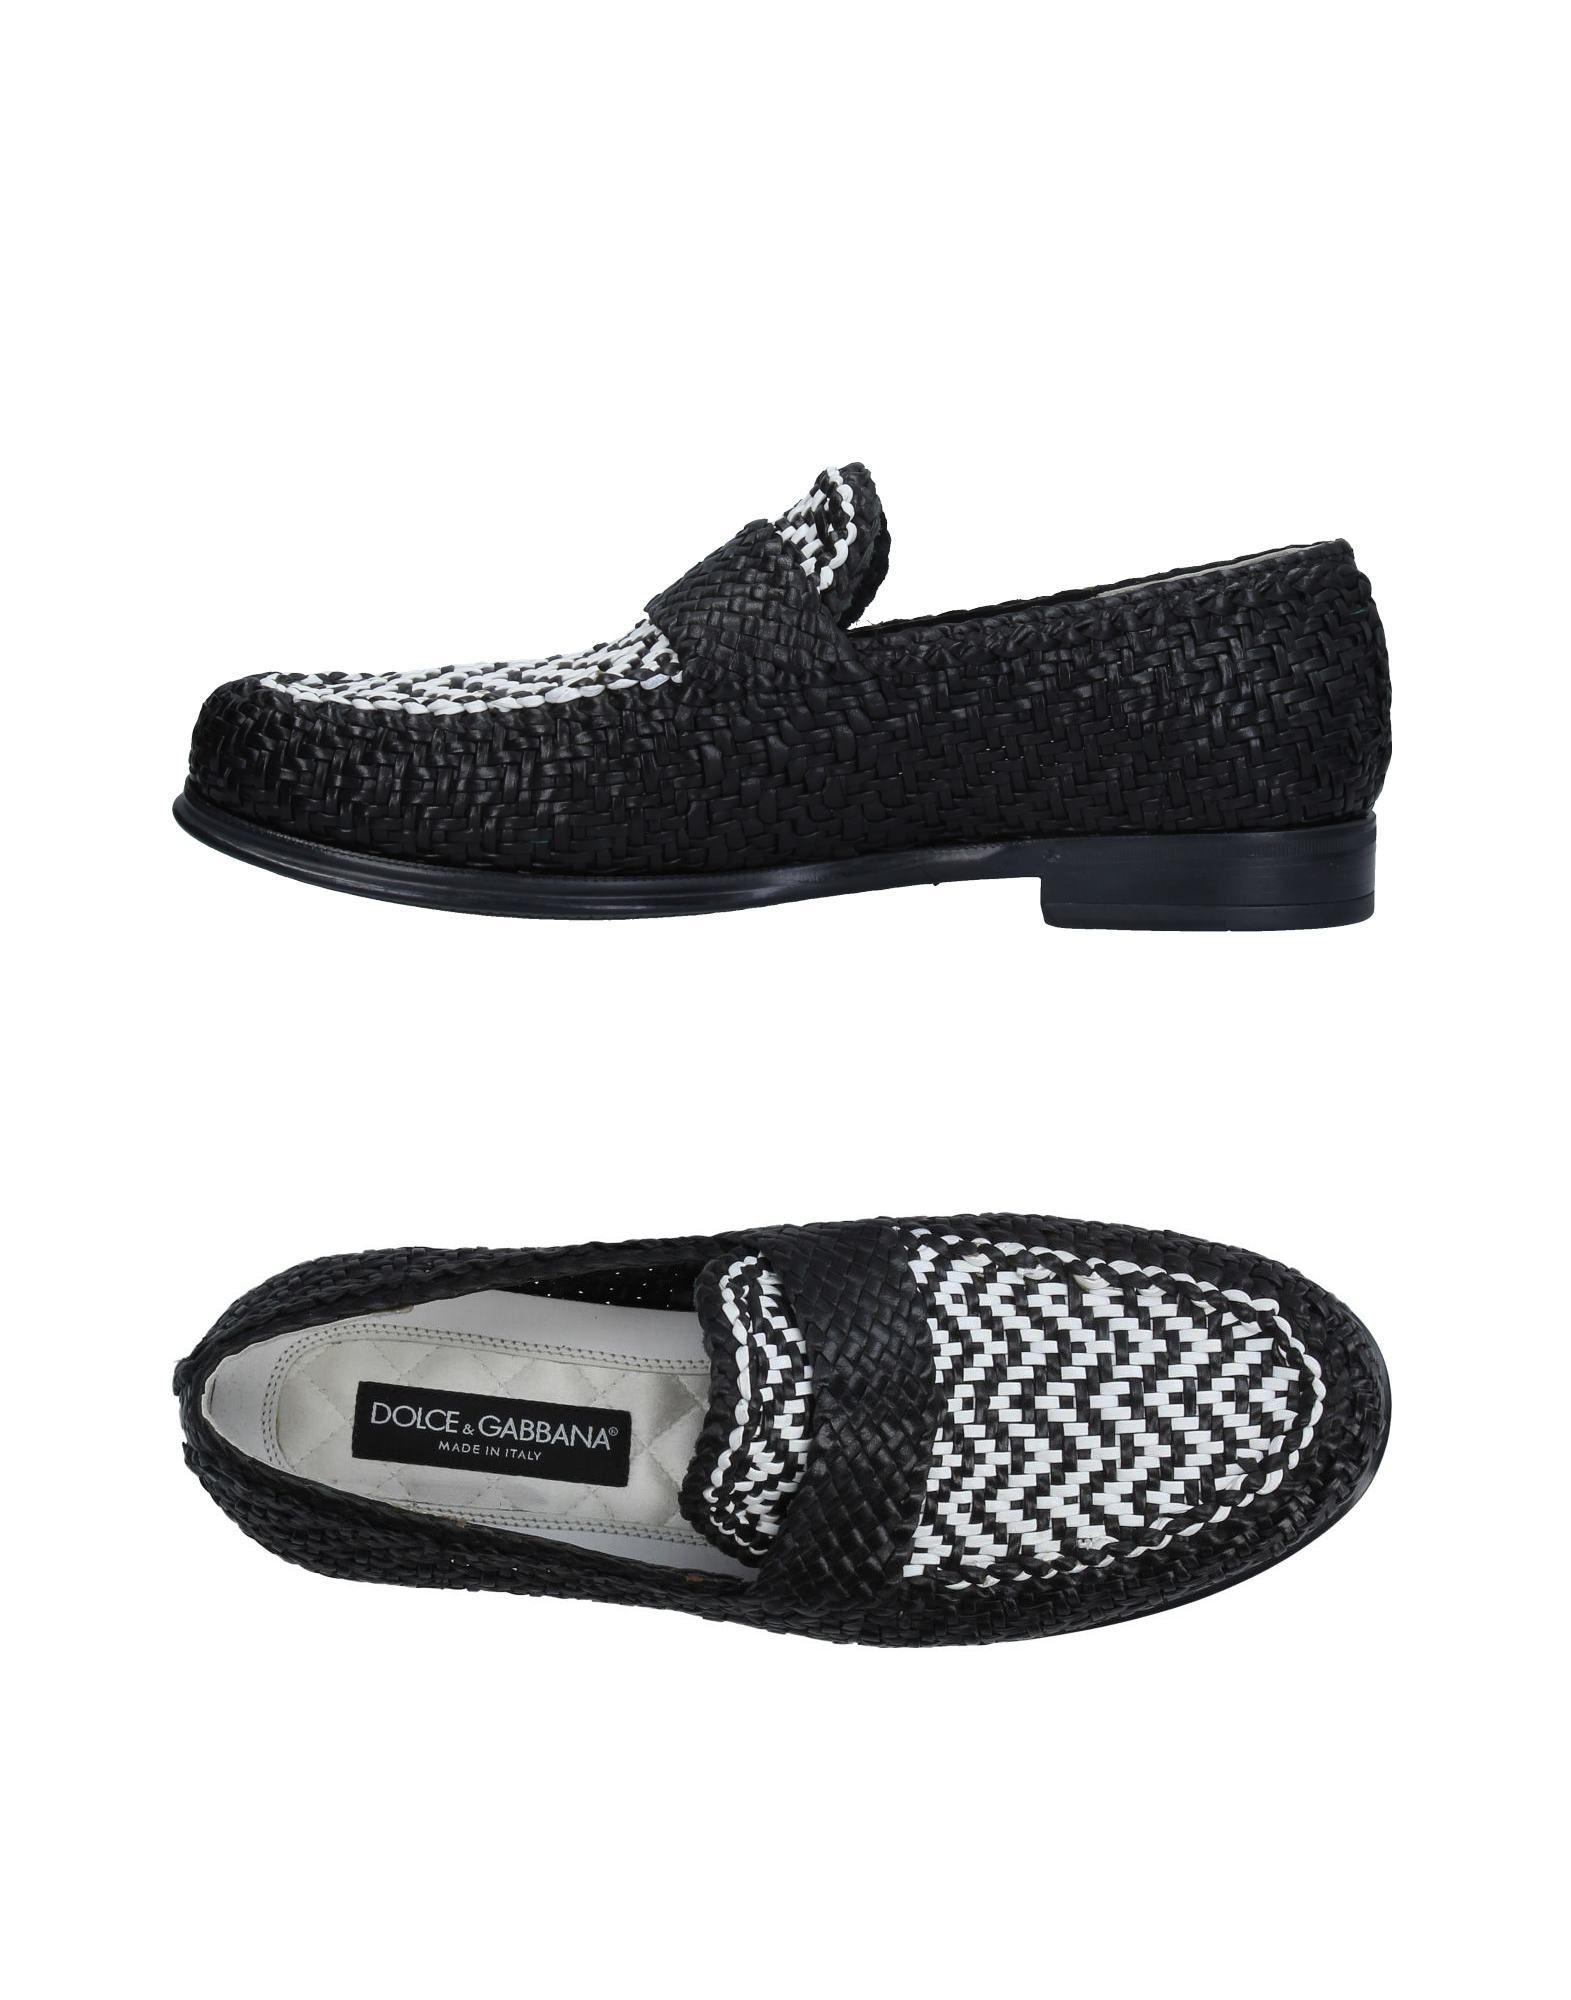 Dolce & Gabbana Mokassins Herren  11327595JI Gute Qualität beliebte Schuhe